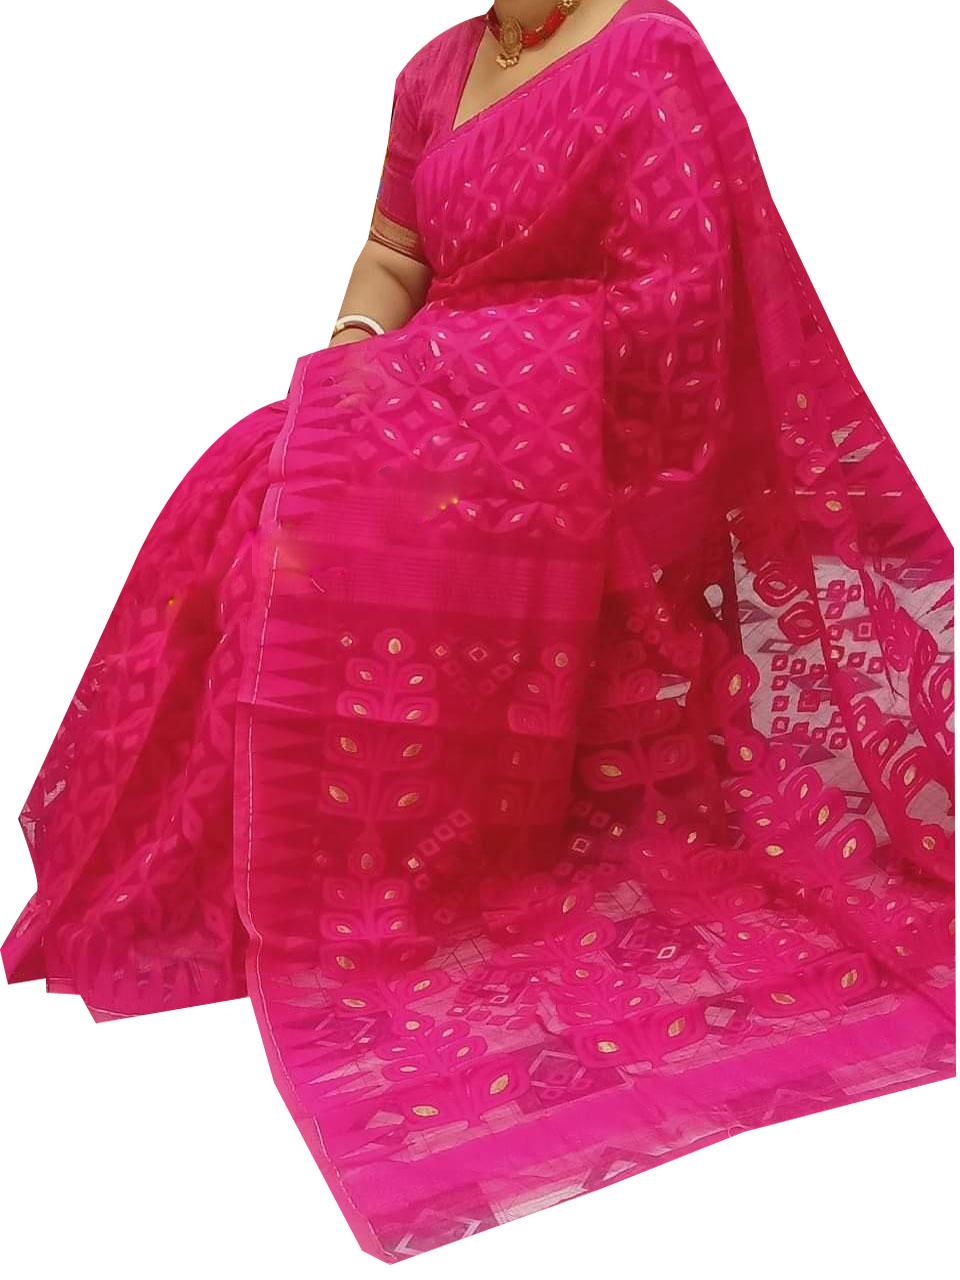 Deep pink dhakai jamdani high quality saree